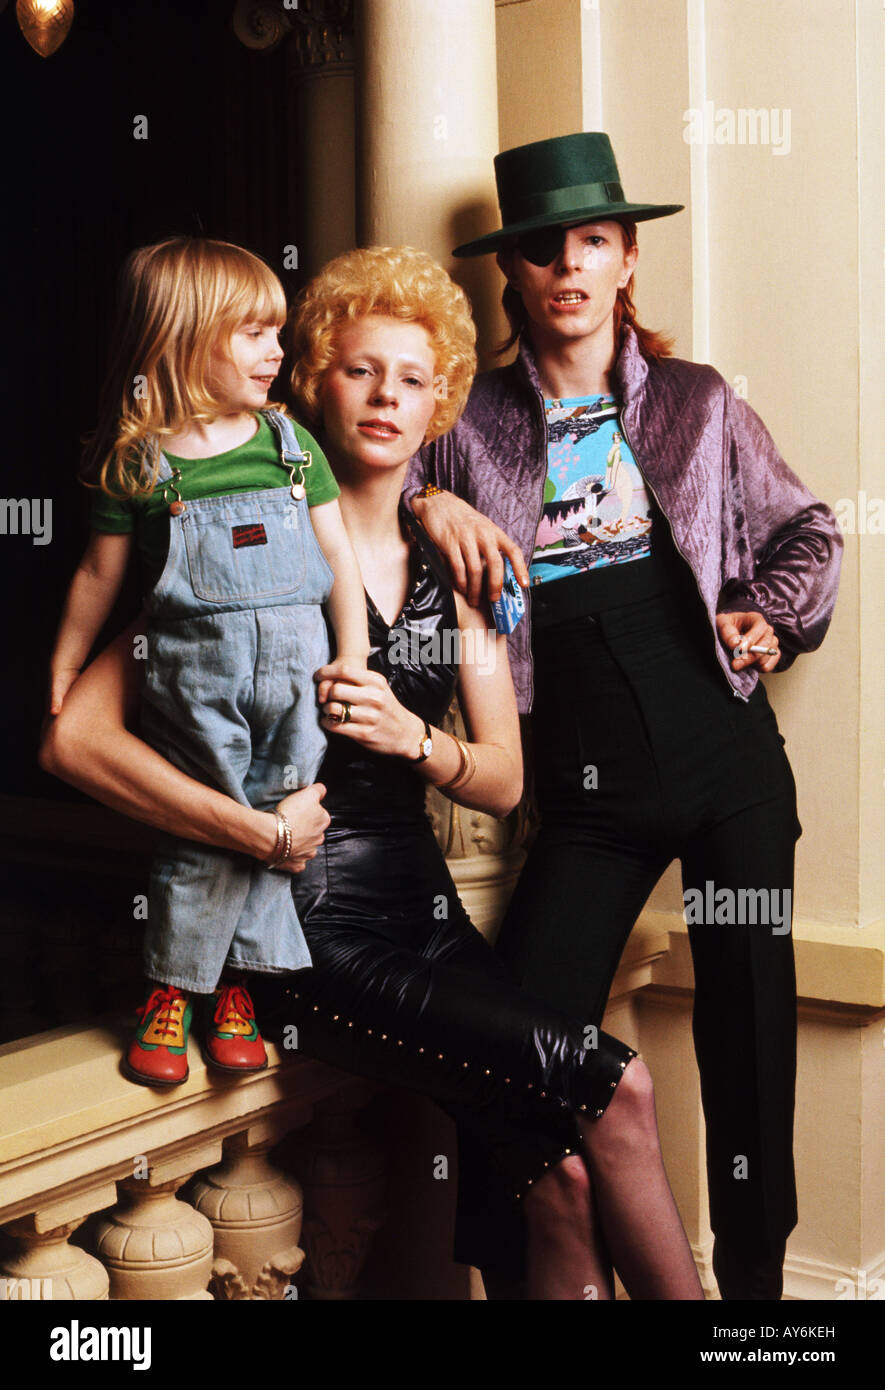 David Bowie Mit Frau Angie Und Sohn Zowie 1974 Stockfoto Bild